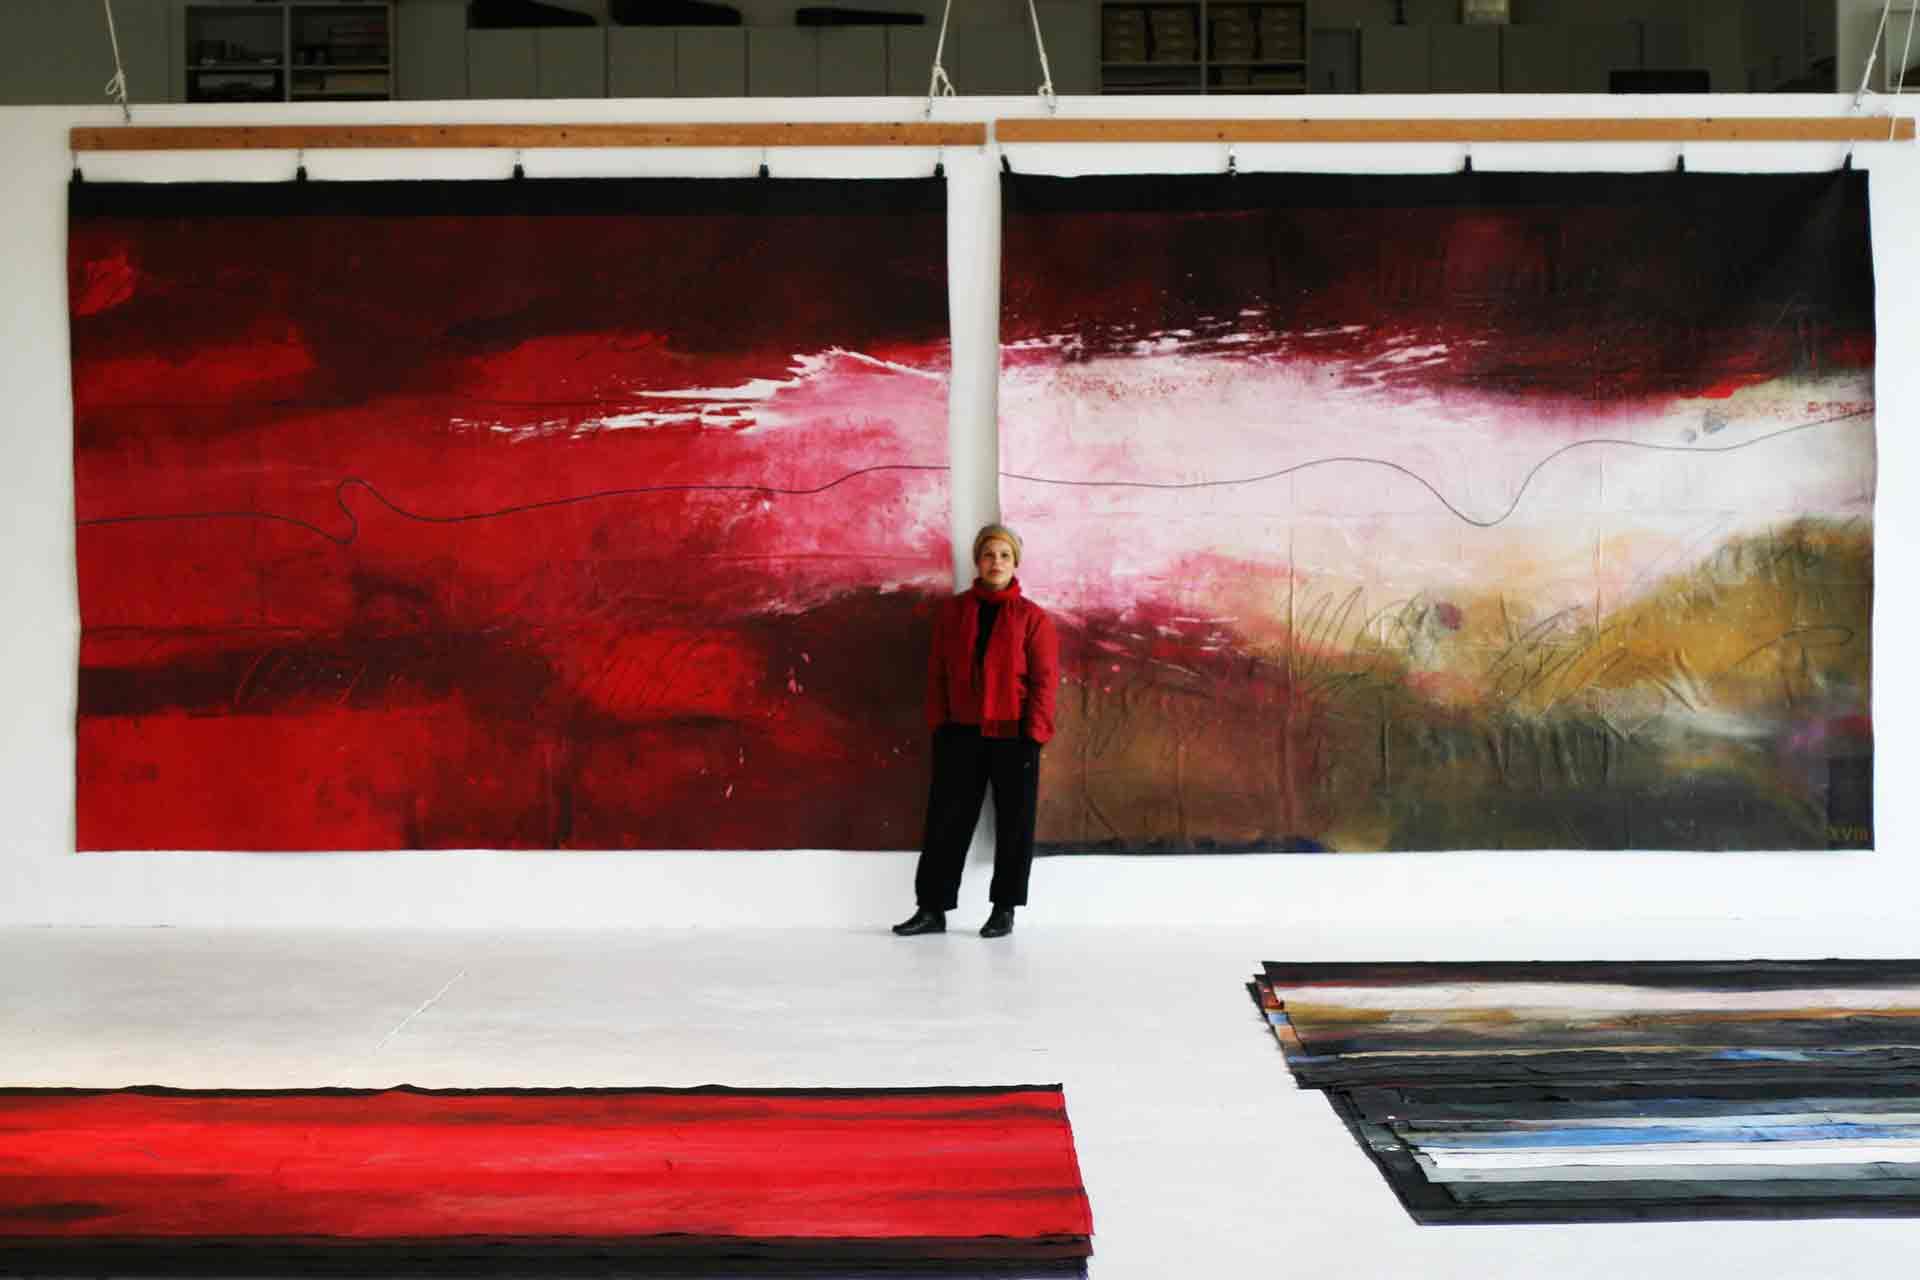 Dalva Duarte portrait 24 Caprices - Dalva in front of pair of paintings